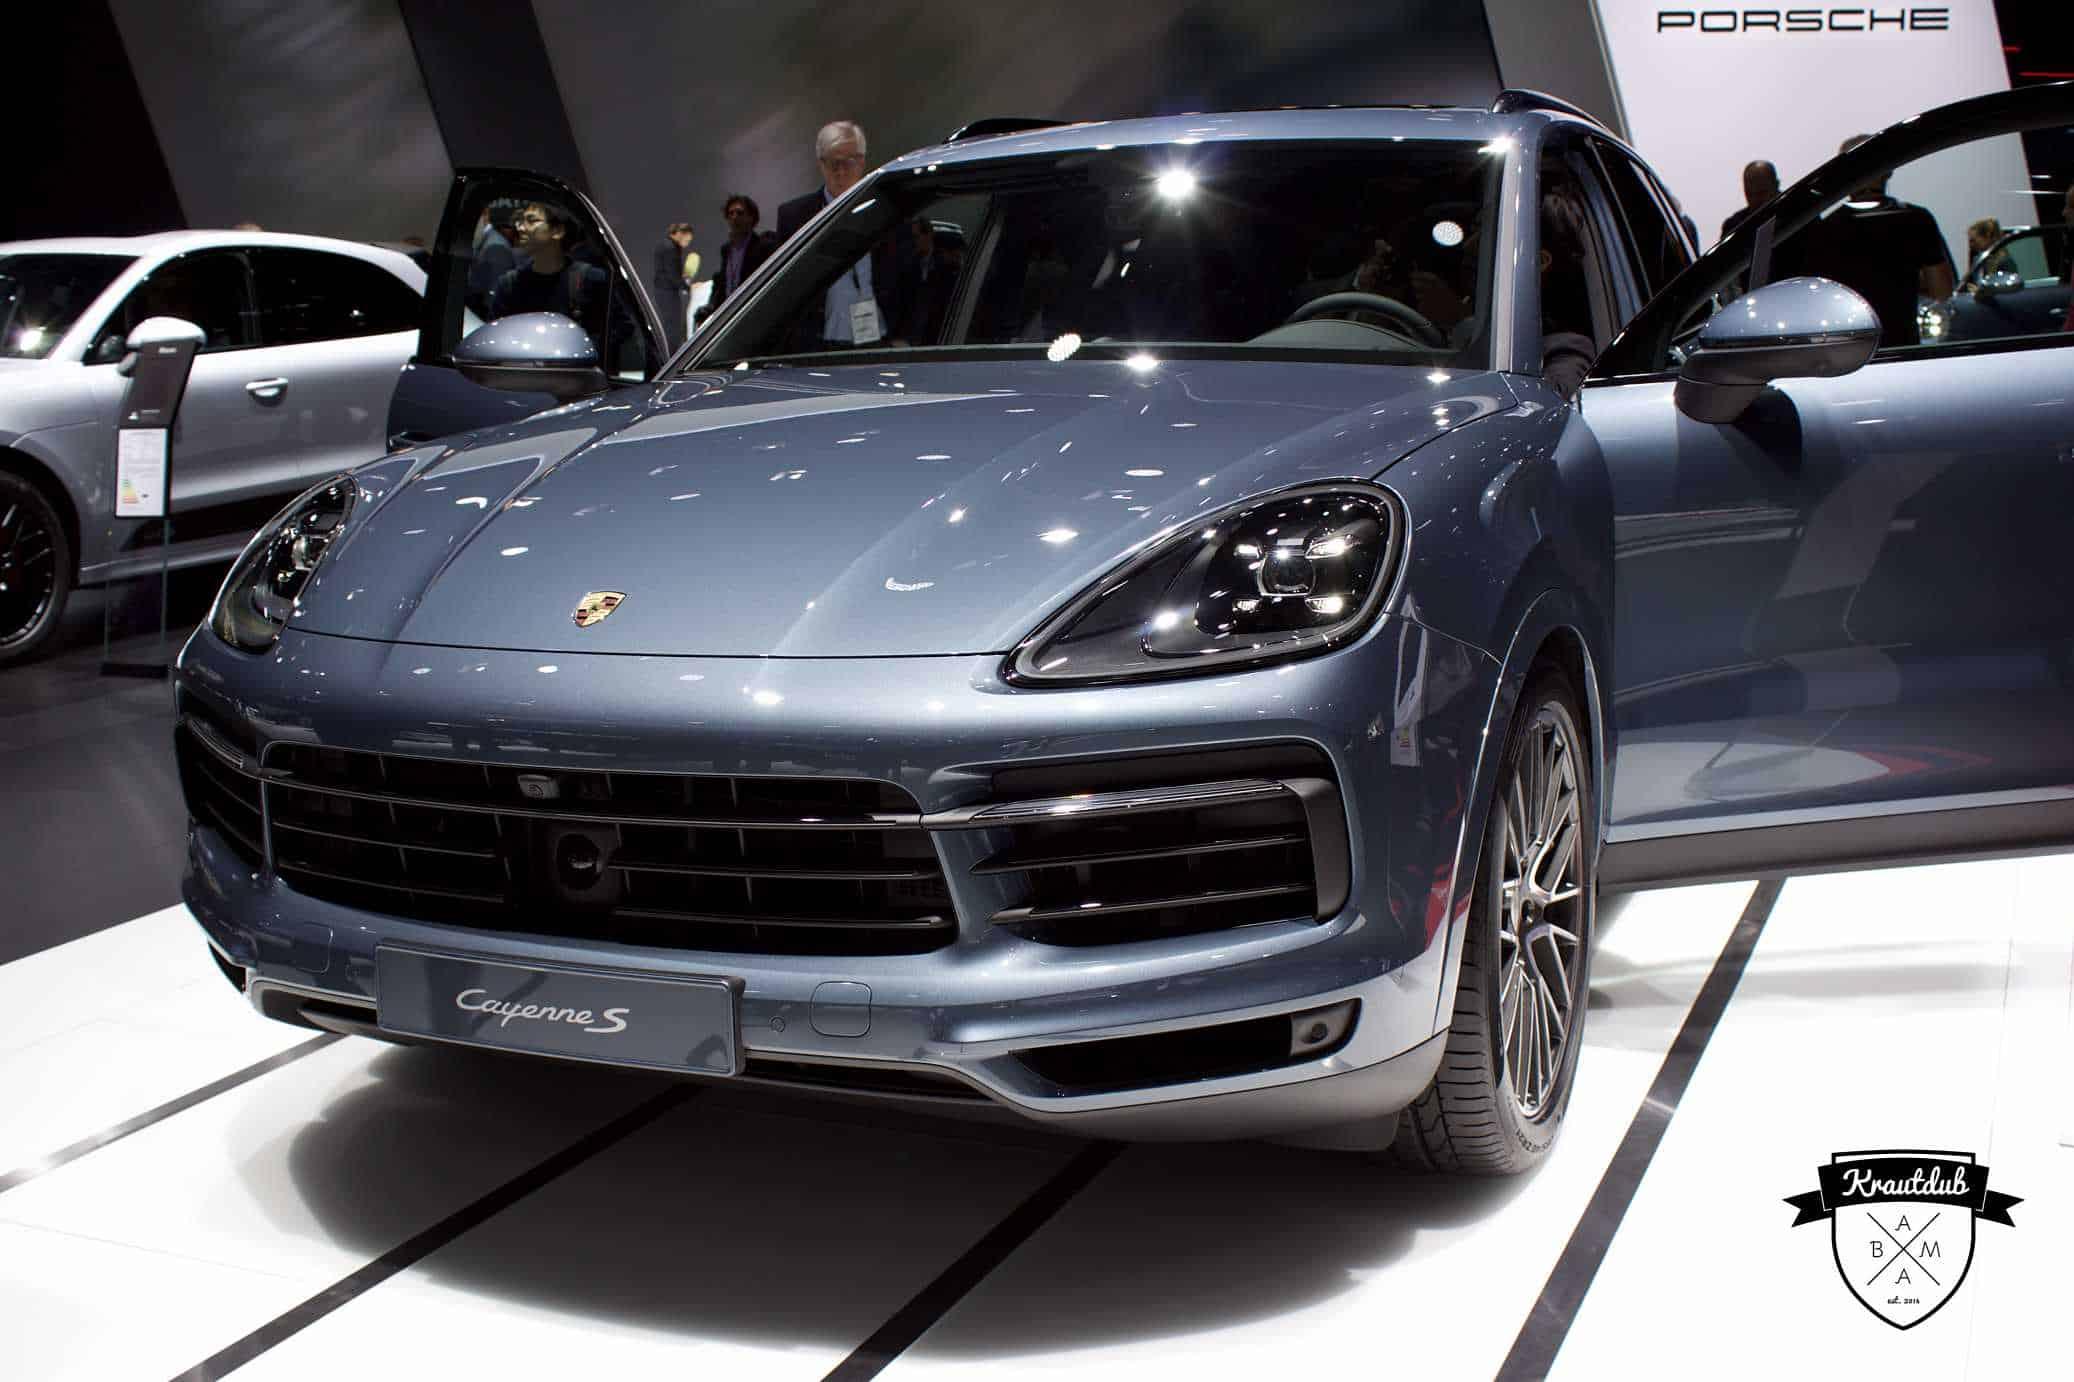 Porsche Cayenne S - IAA 2017